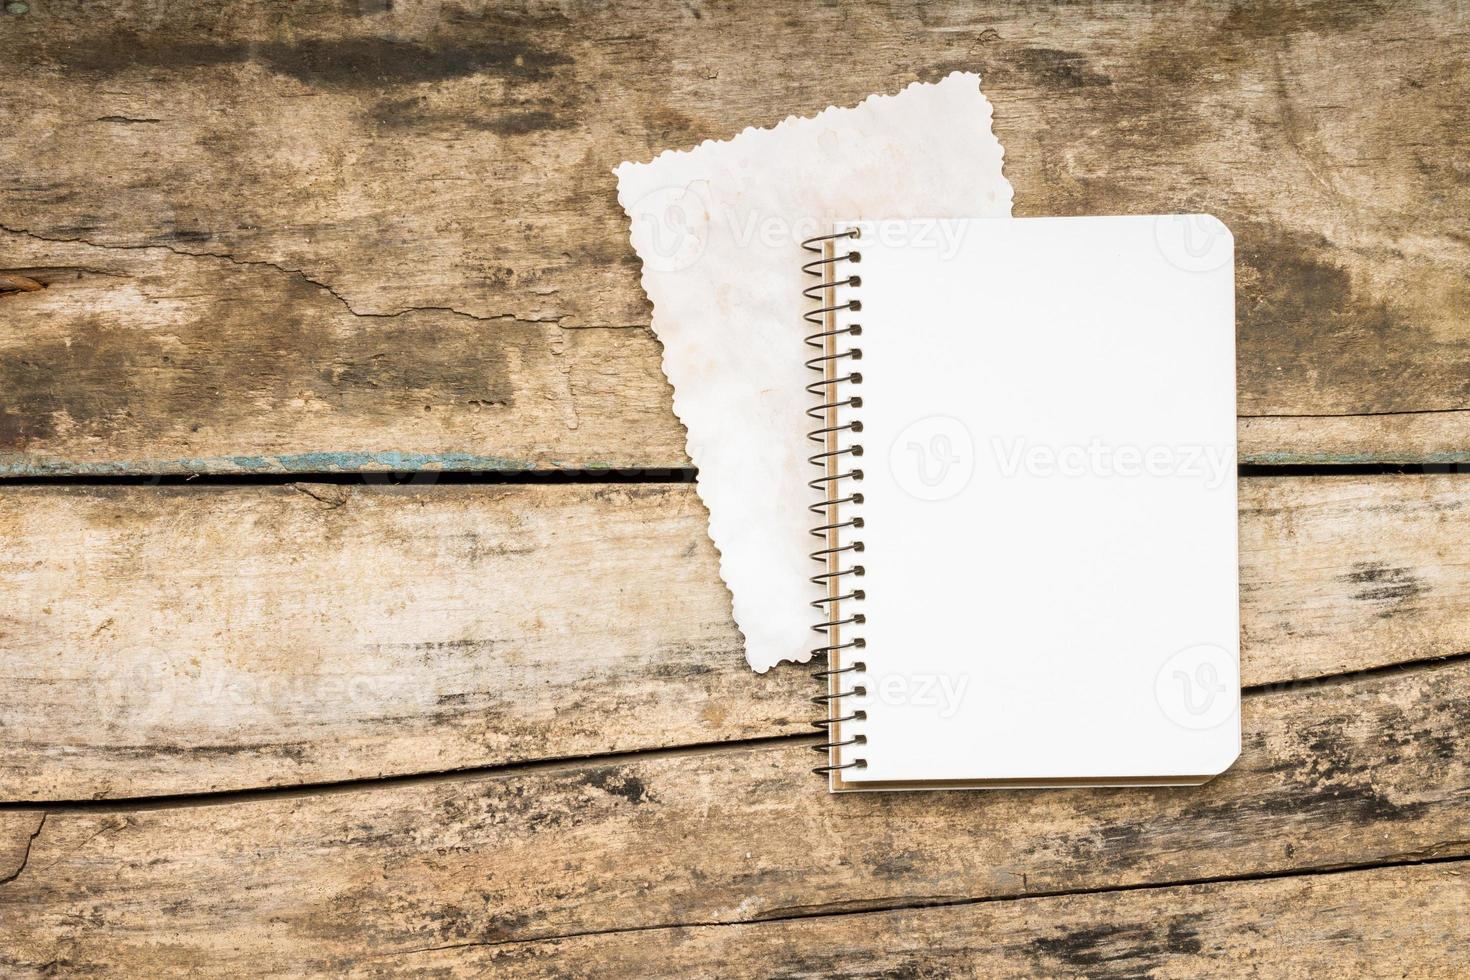 Rezeptbuch auf strukturiertem Holzhintergrund foto